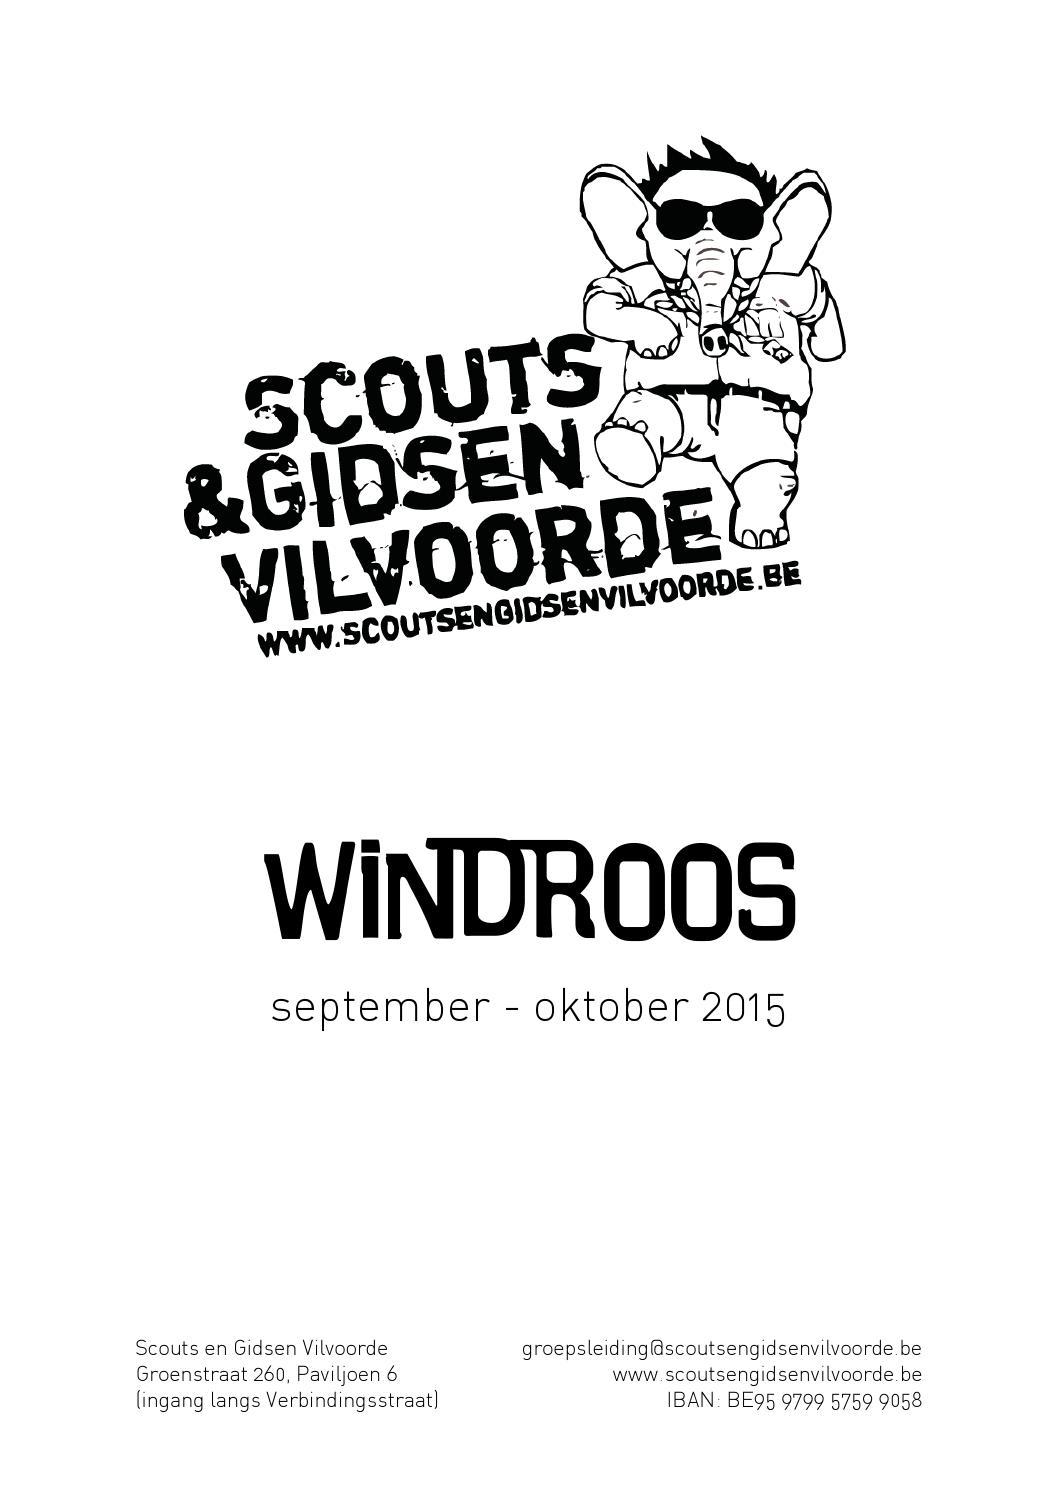 Kleurplaten Verjaardag Bompa.Windroos September Oktober 2015 By Scouts En Gidsen Vilvoorde Issuu